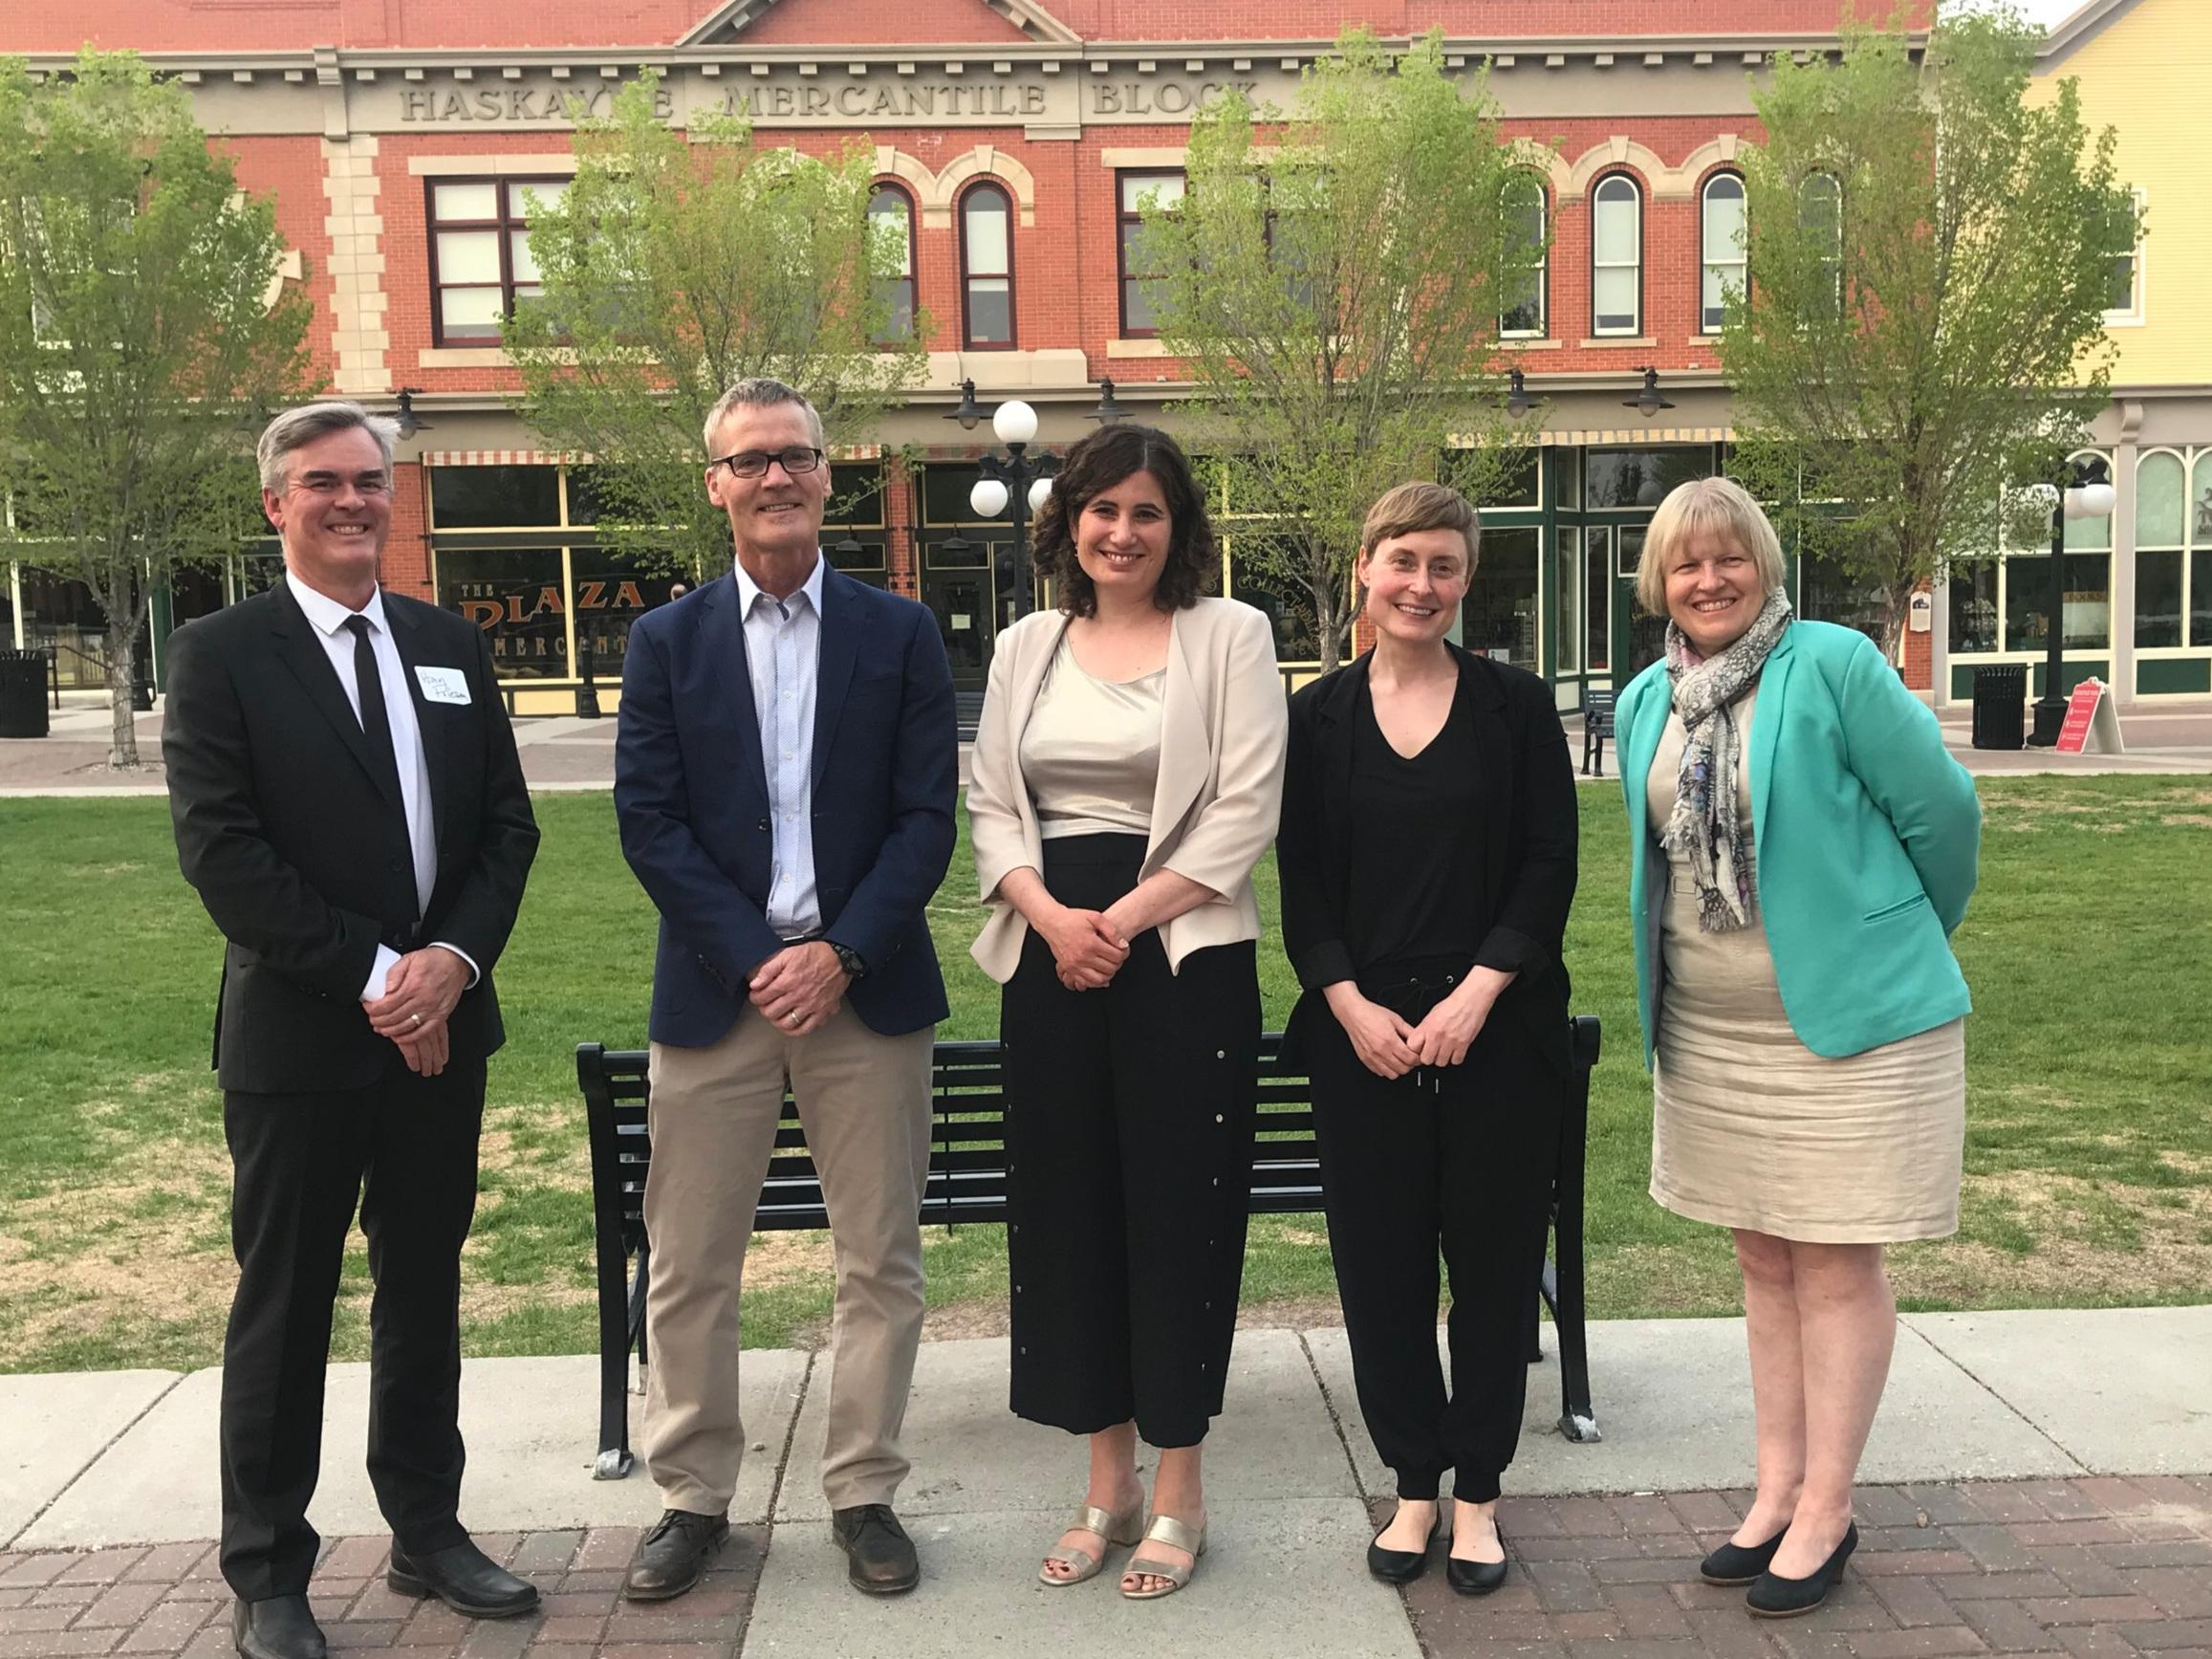 Recipients: Dr. Friesen, Dr. Sims, Dr. Grinman, Dr. Pawlik, Dr. Mannerfeldt